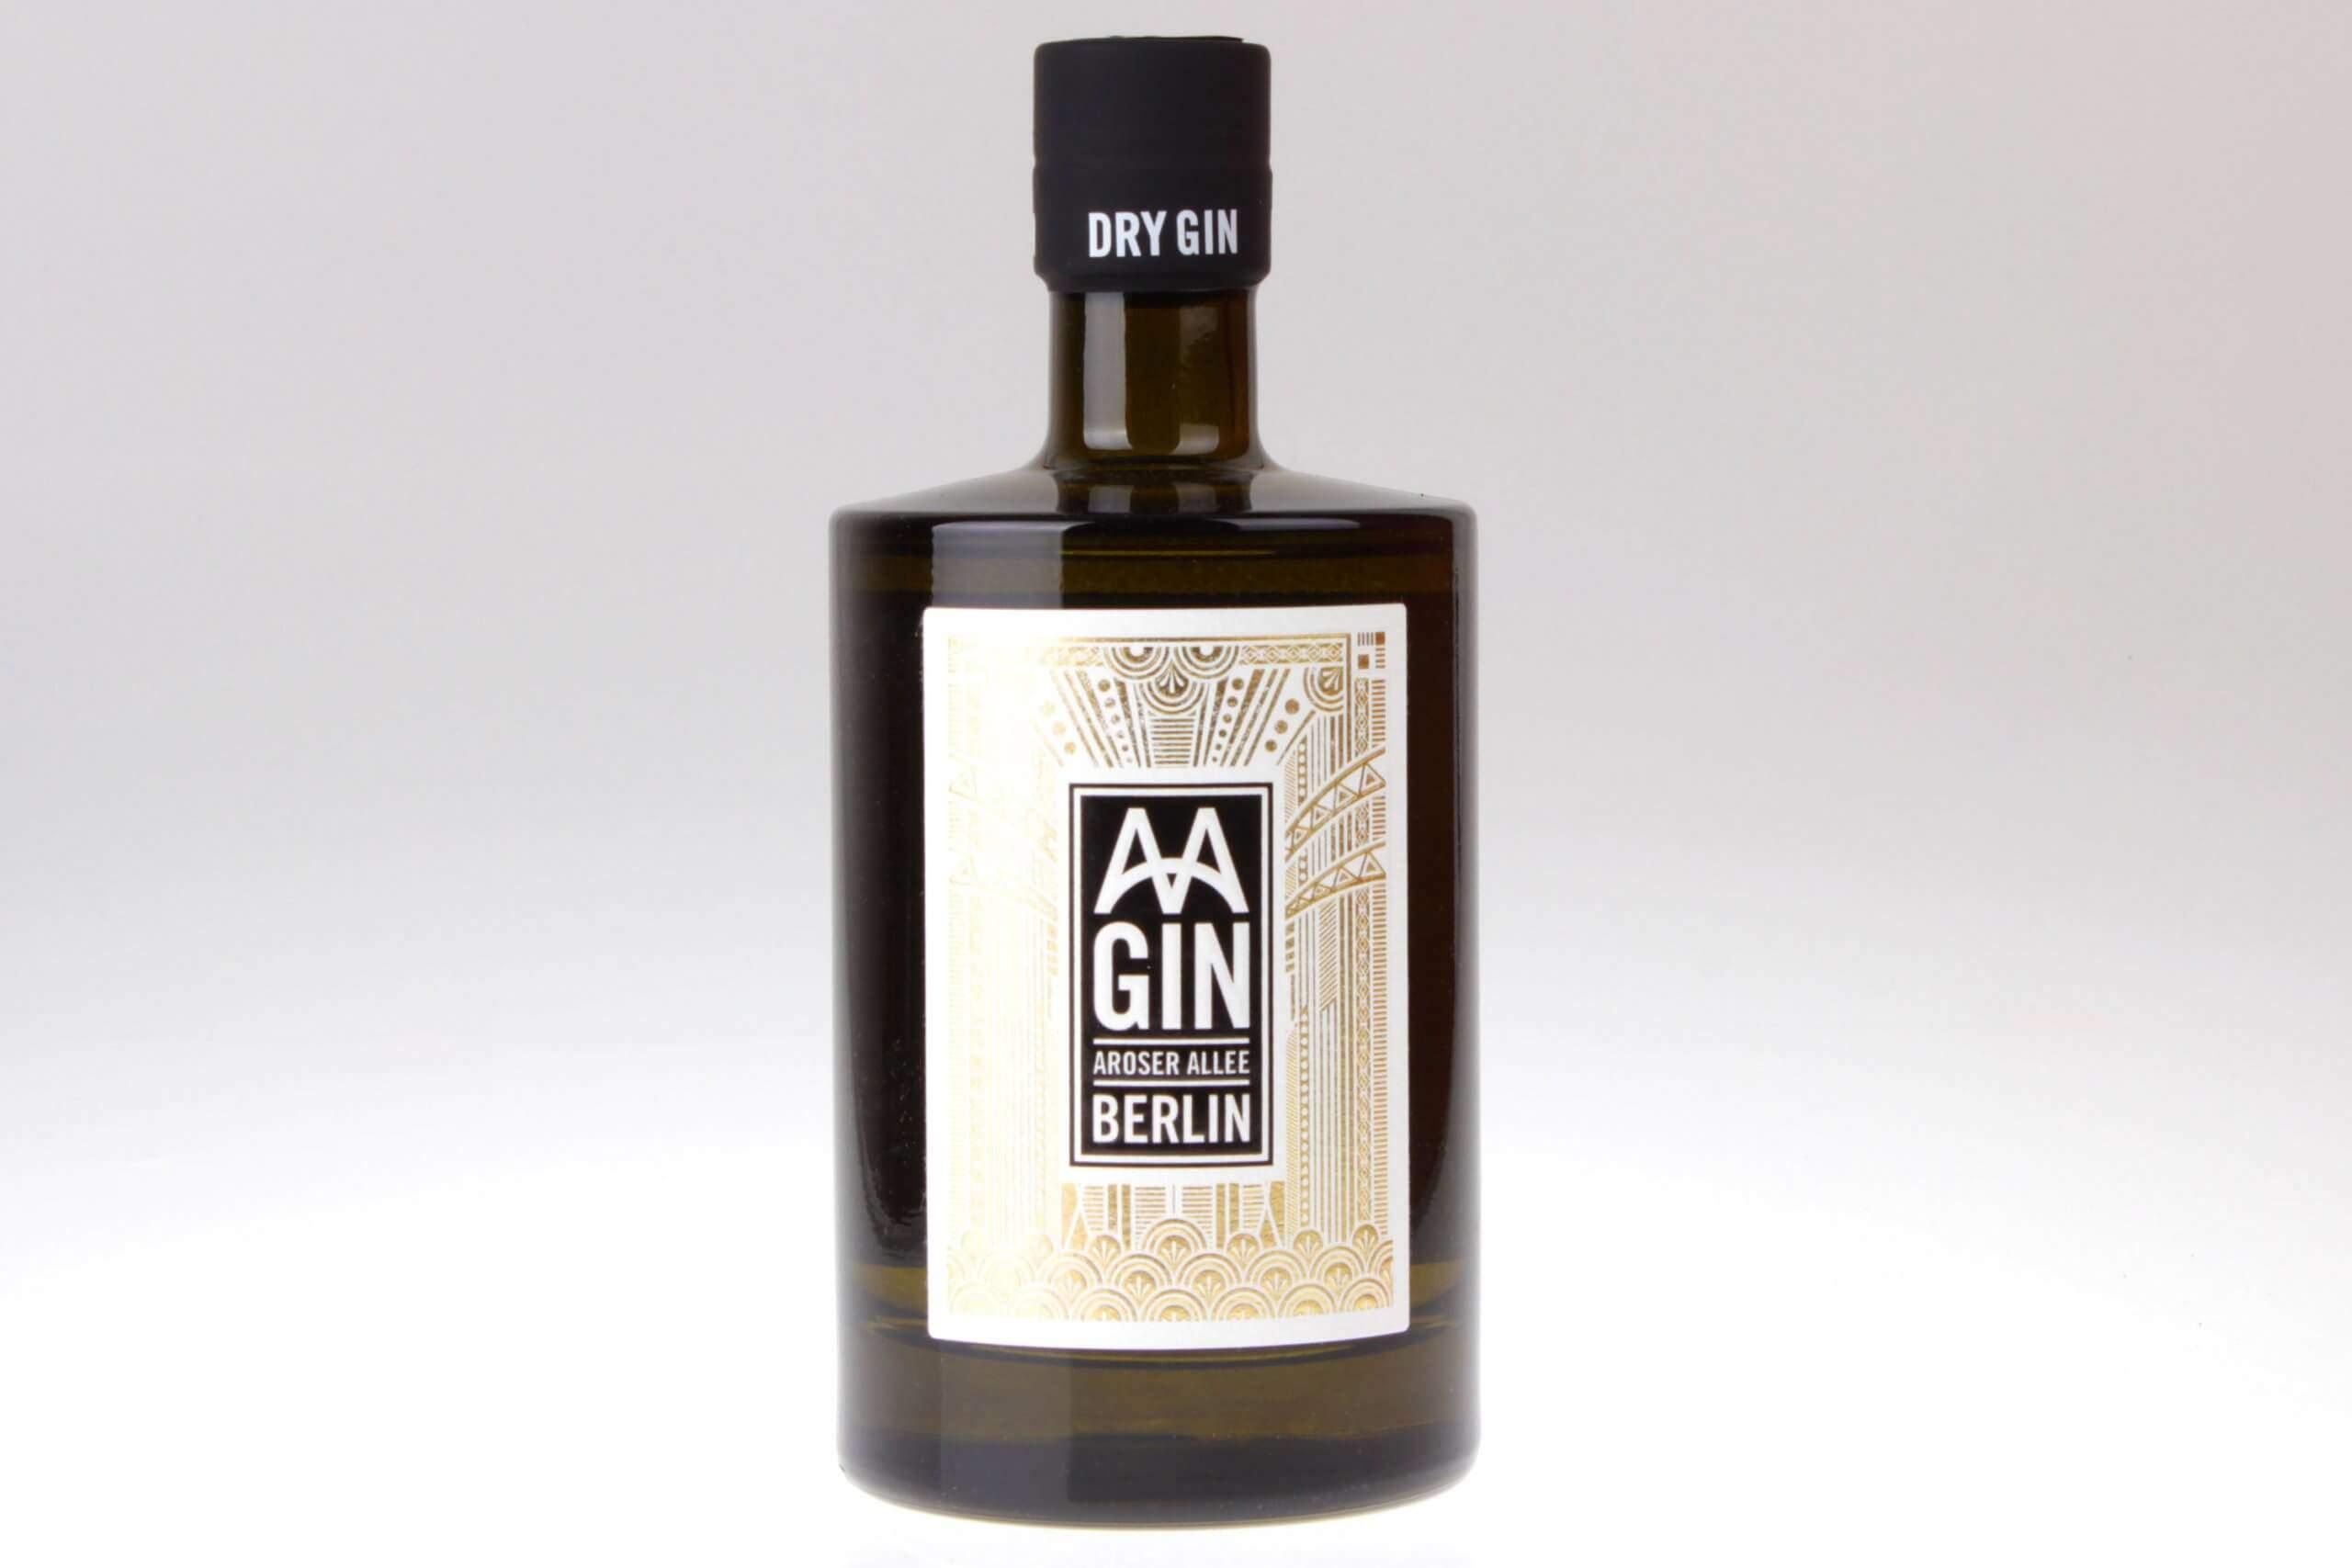 AA Gin Berlin Weindimensional von feinjemacht